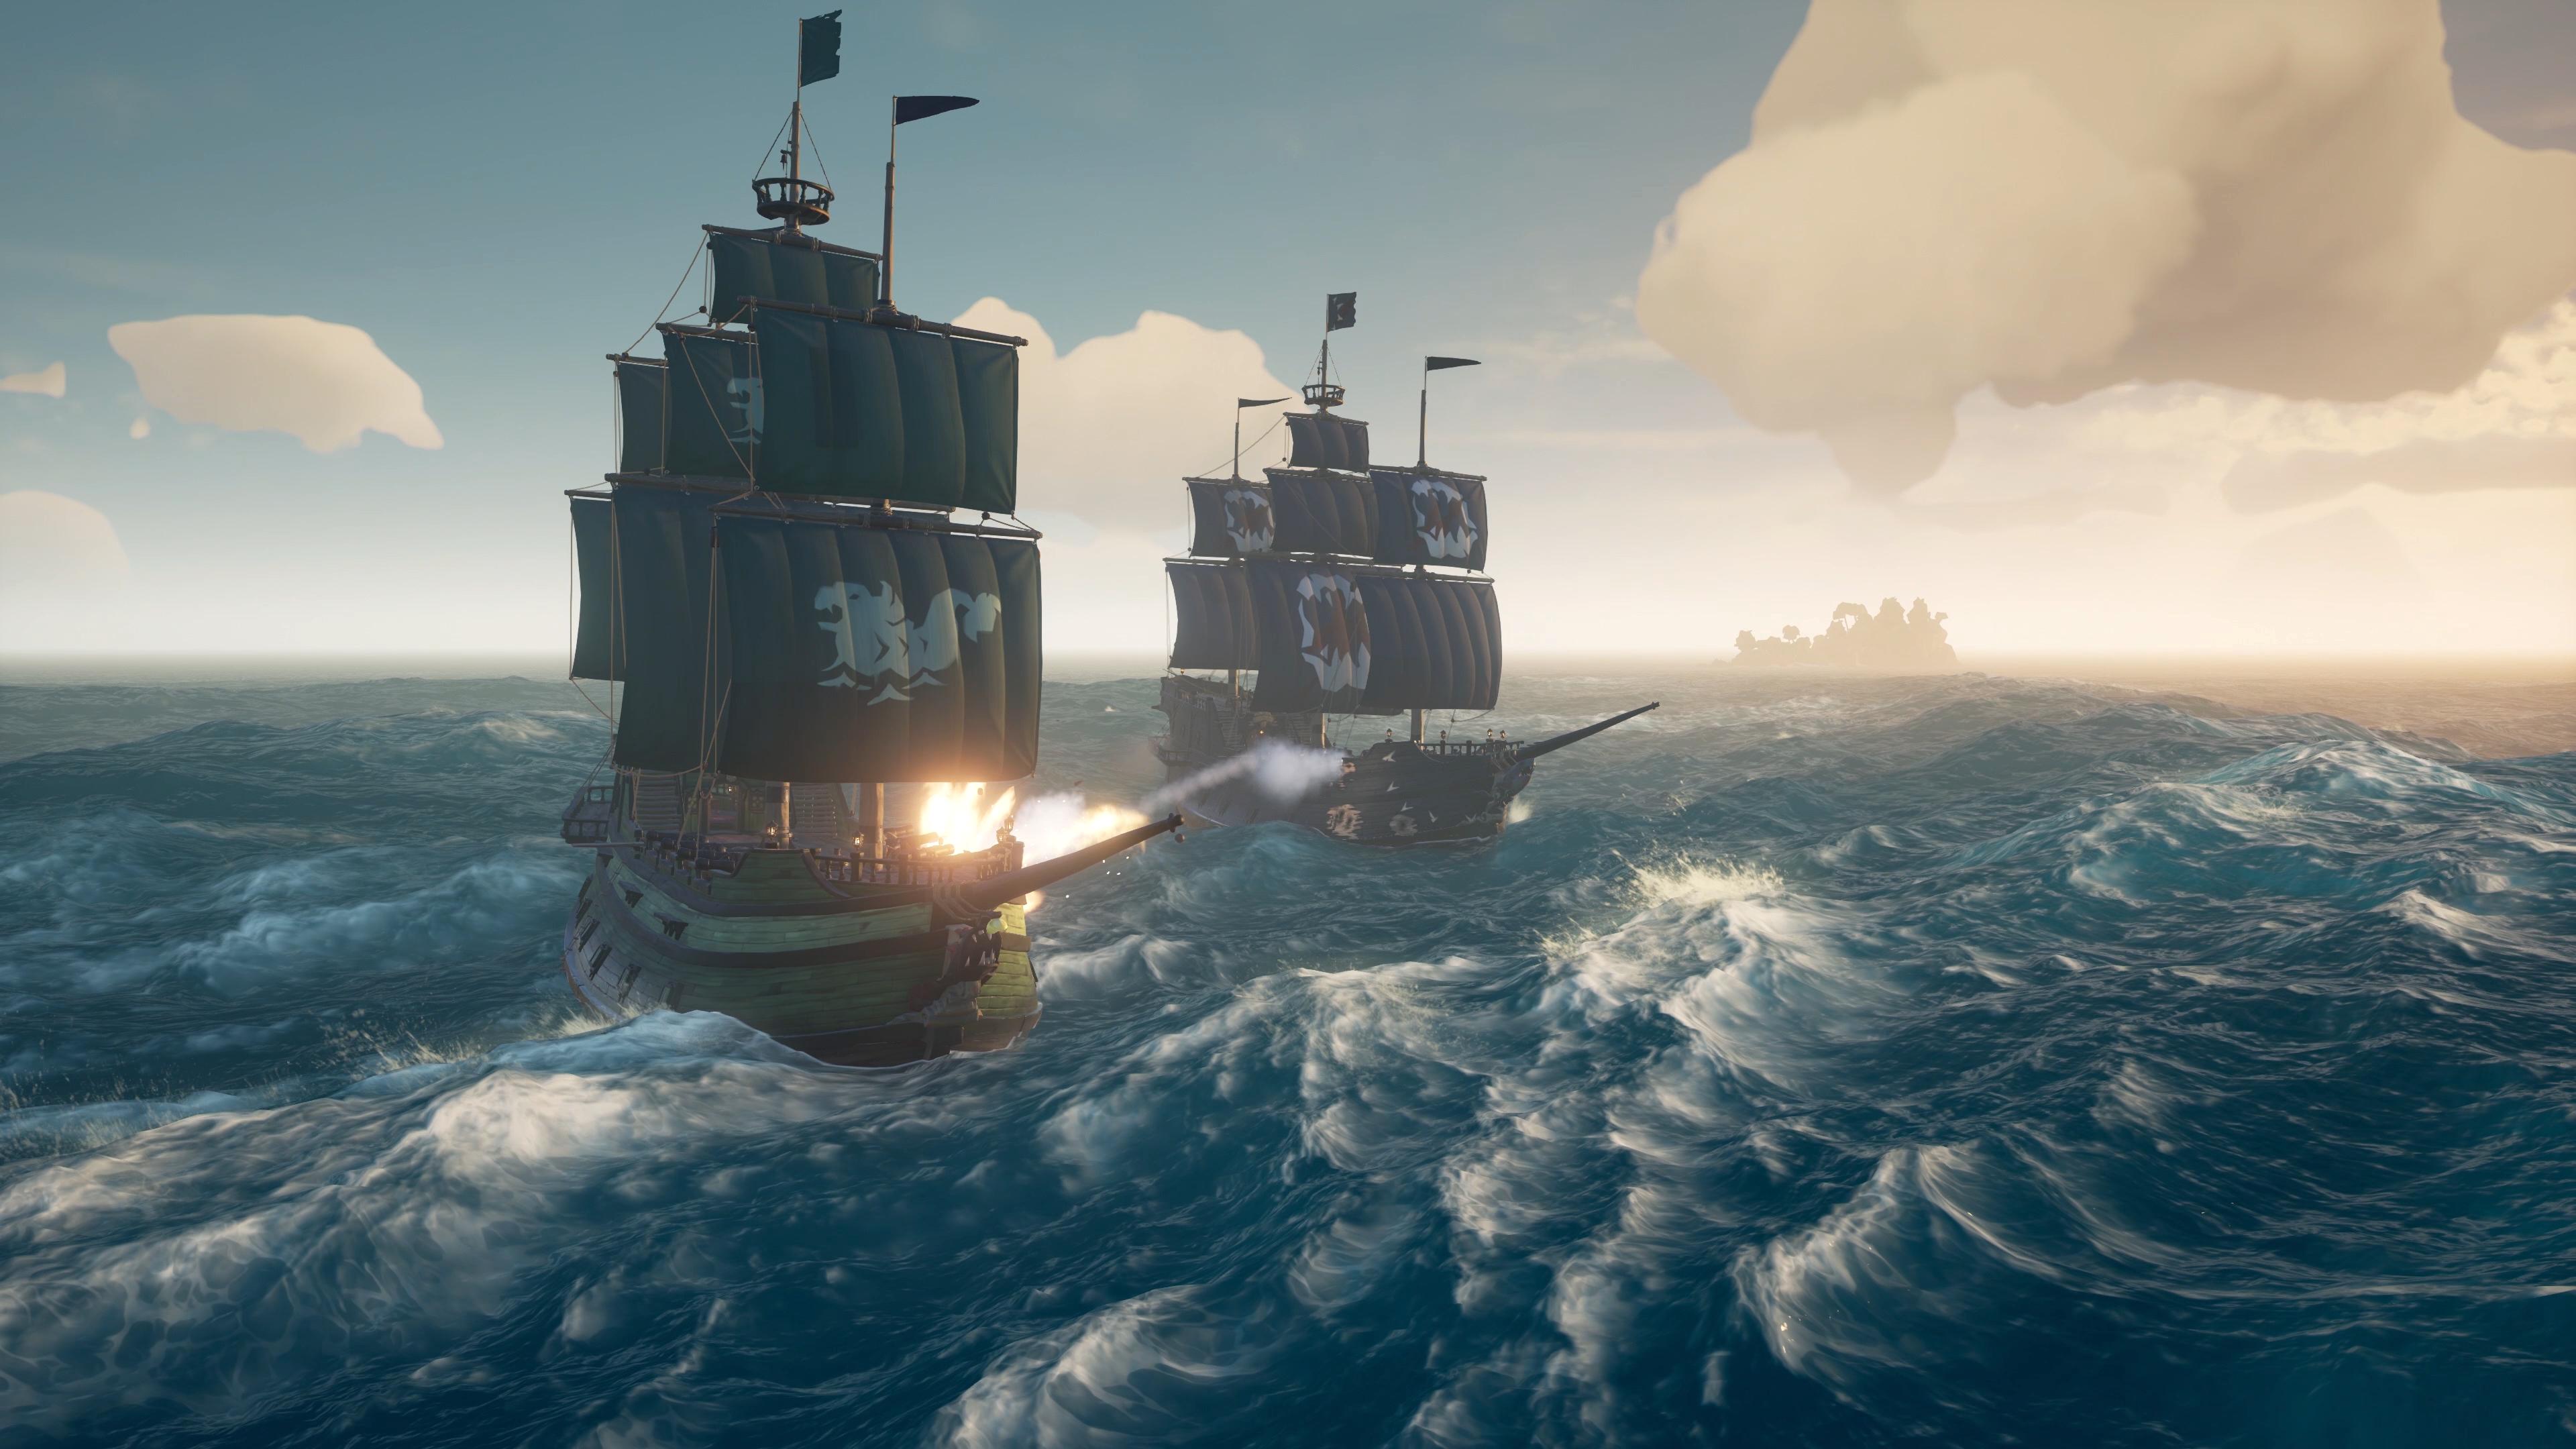 ویدیوی جدید Sea of Thieves بازیکنان تک نفره را هدف قرار داده است